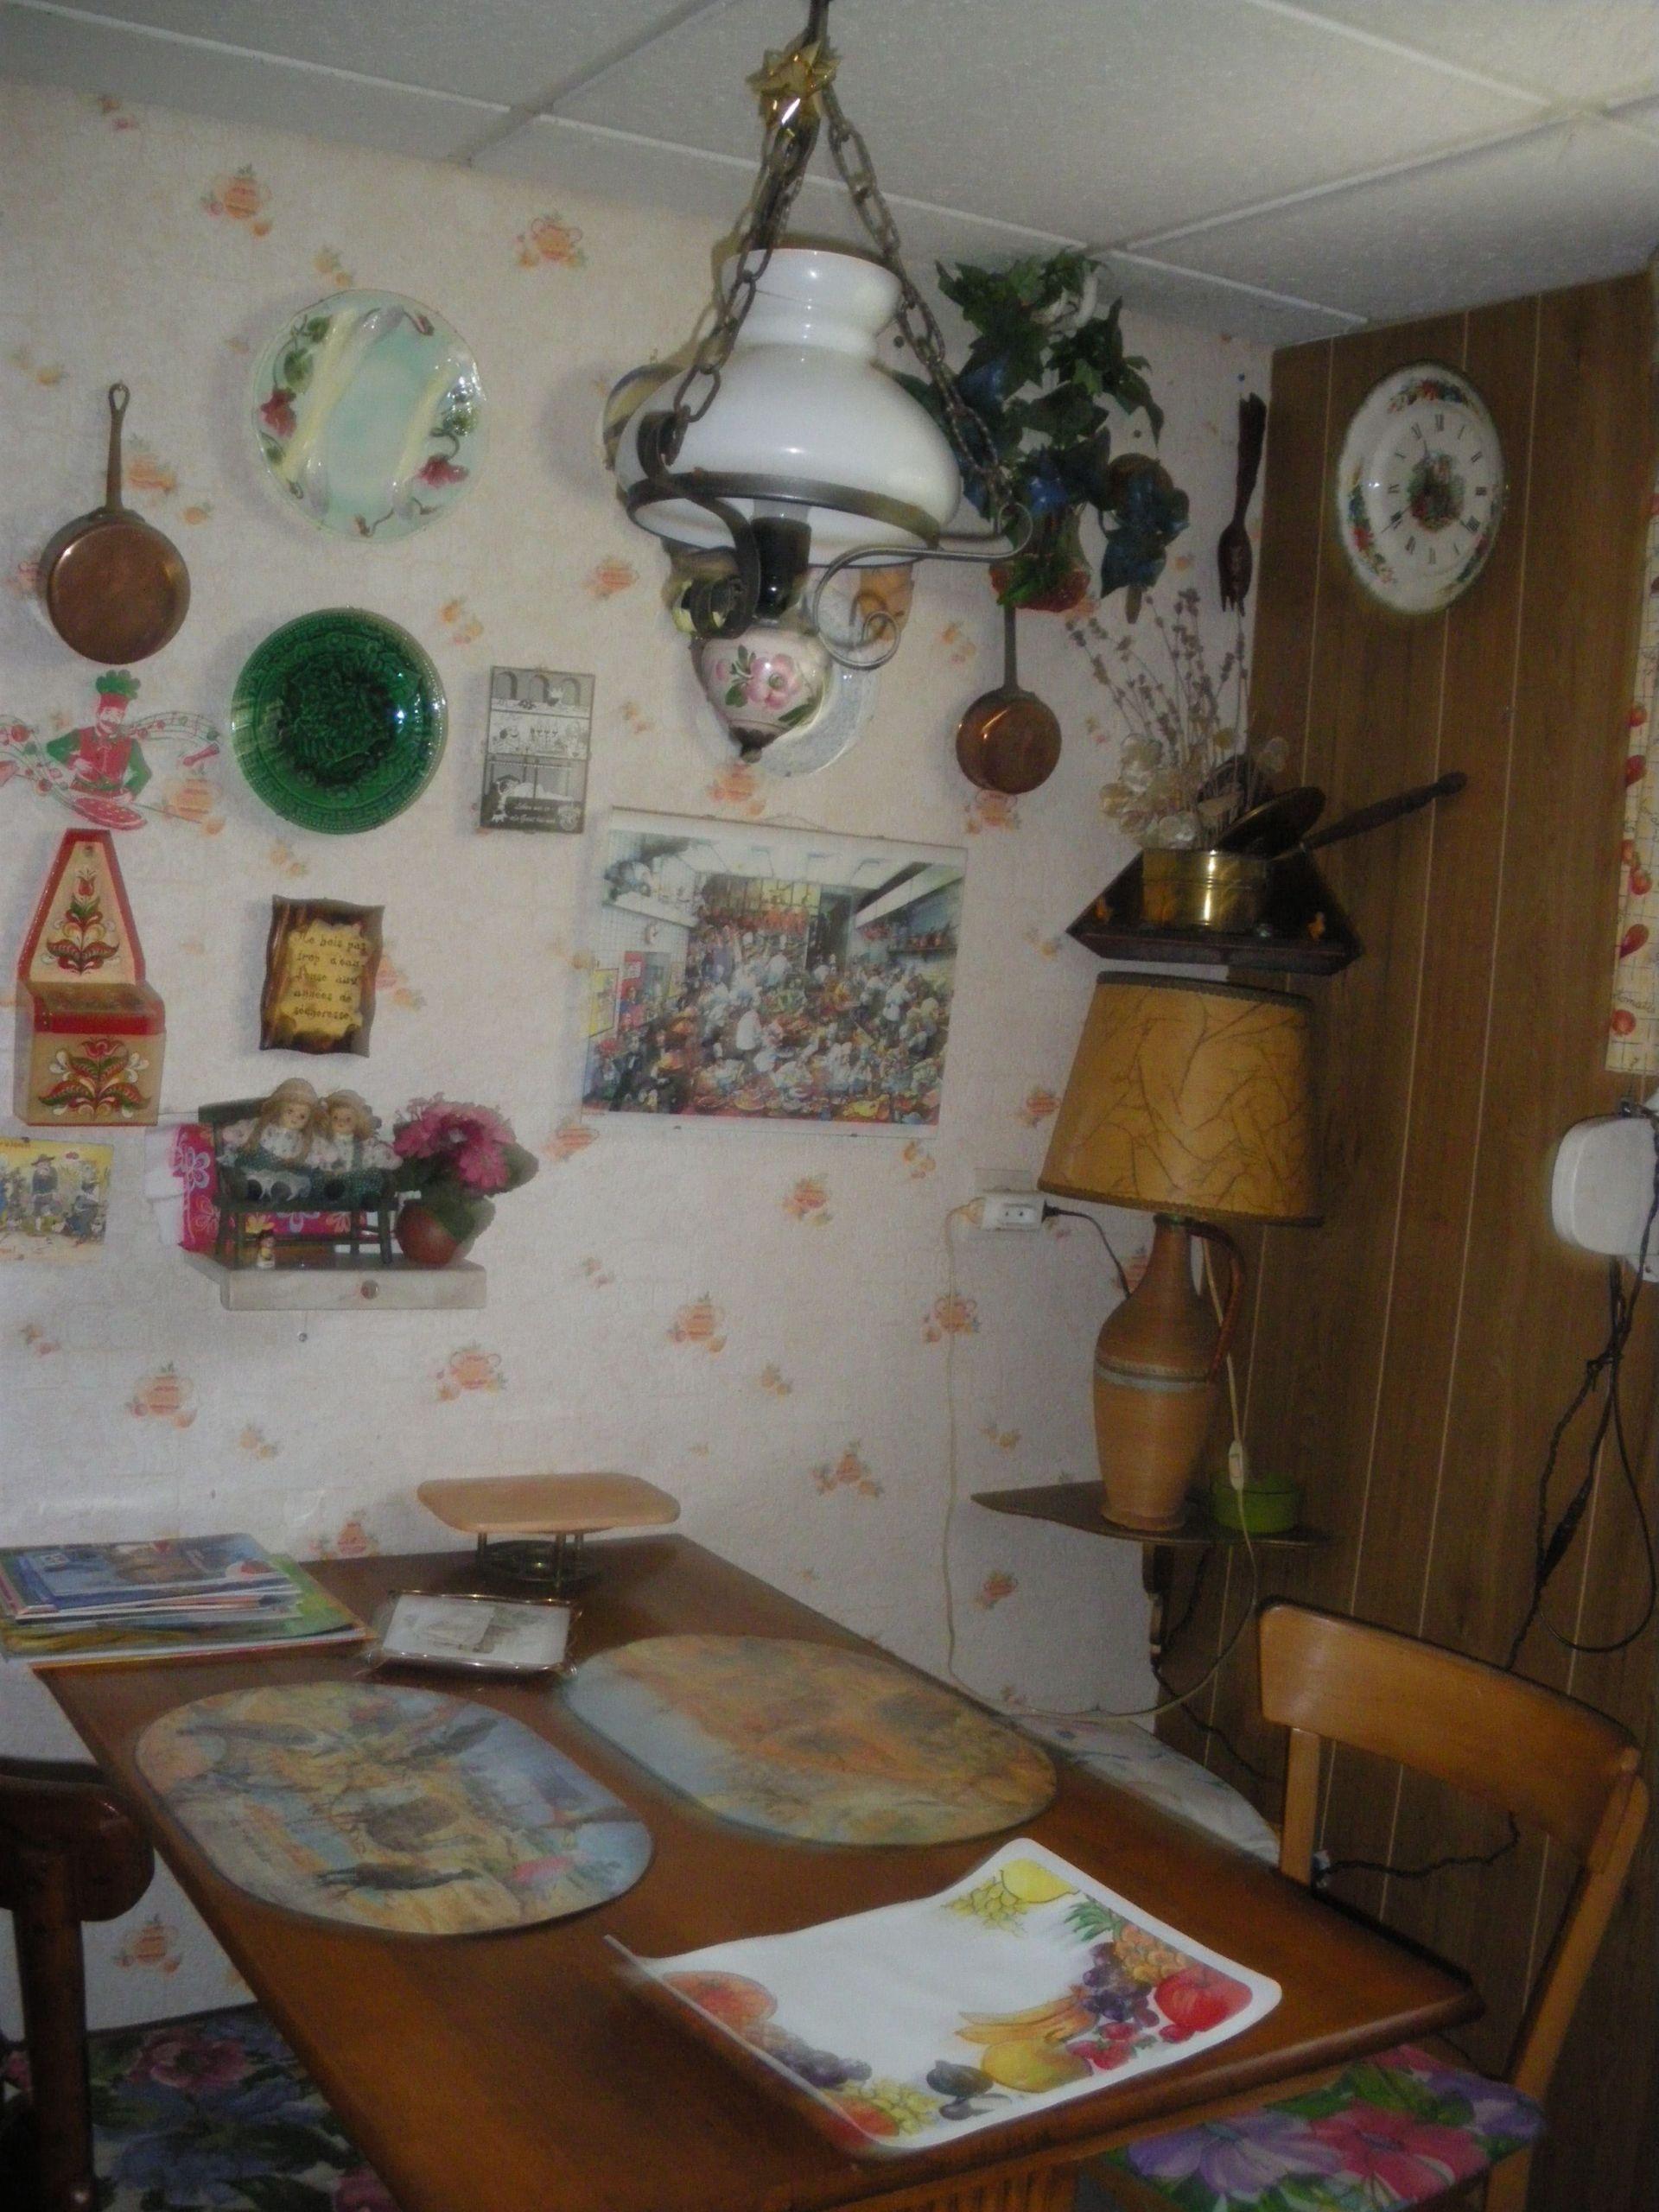 maison d 39 hotes maeva a villers les nancy lorraine tourisme. Black Bedroom Furniture Sets. Home Design Ideas